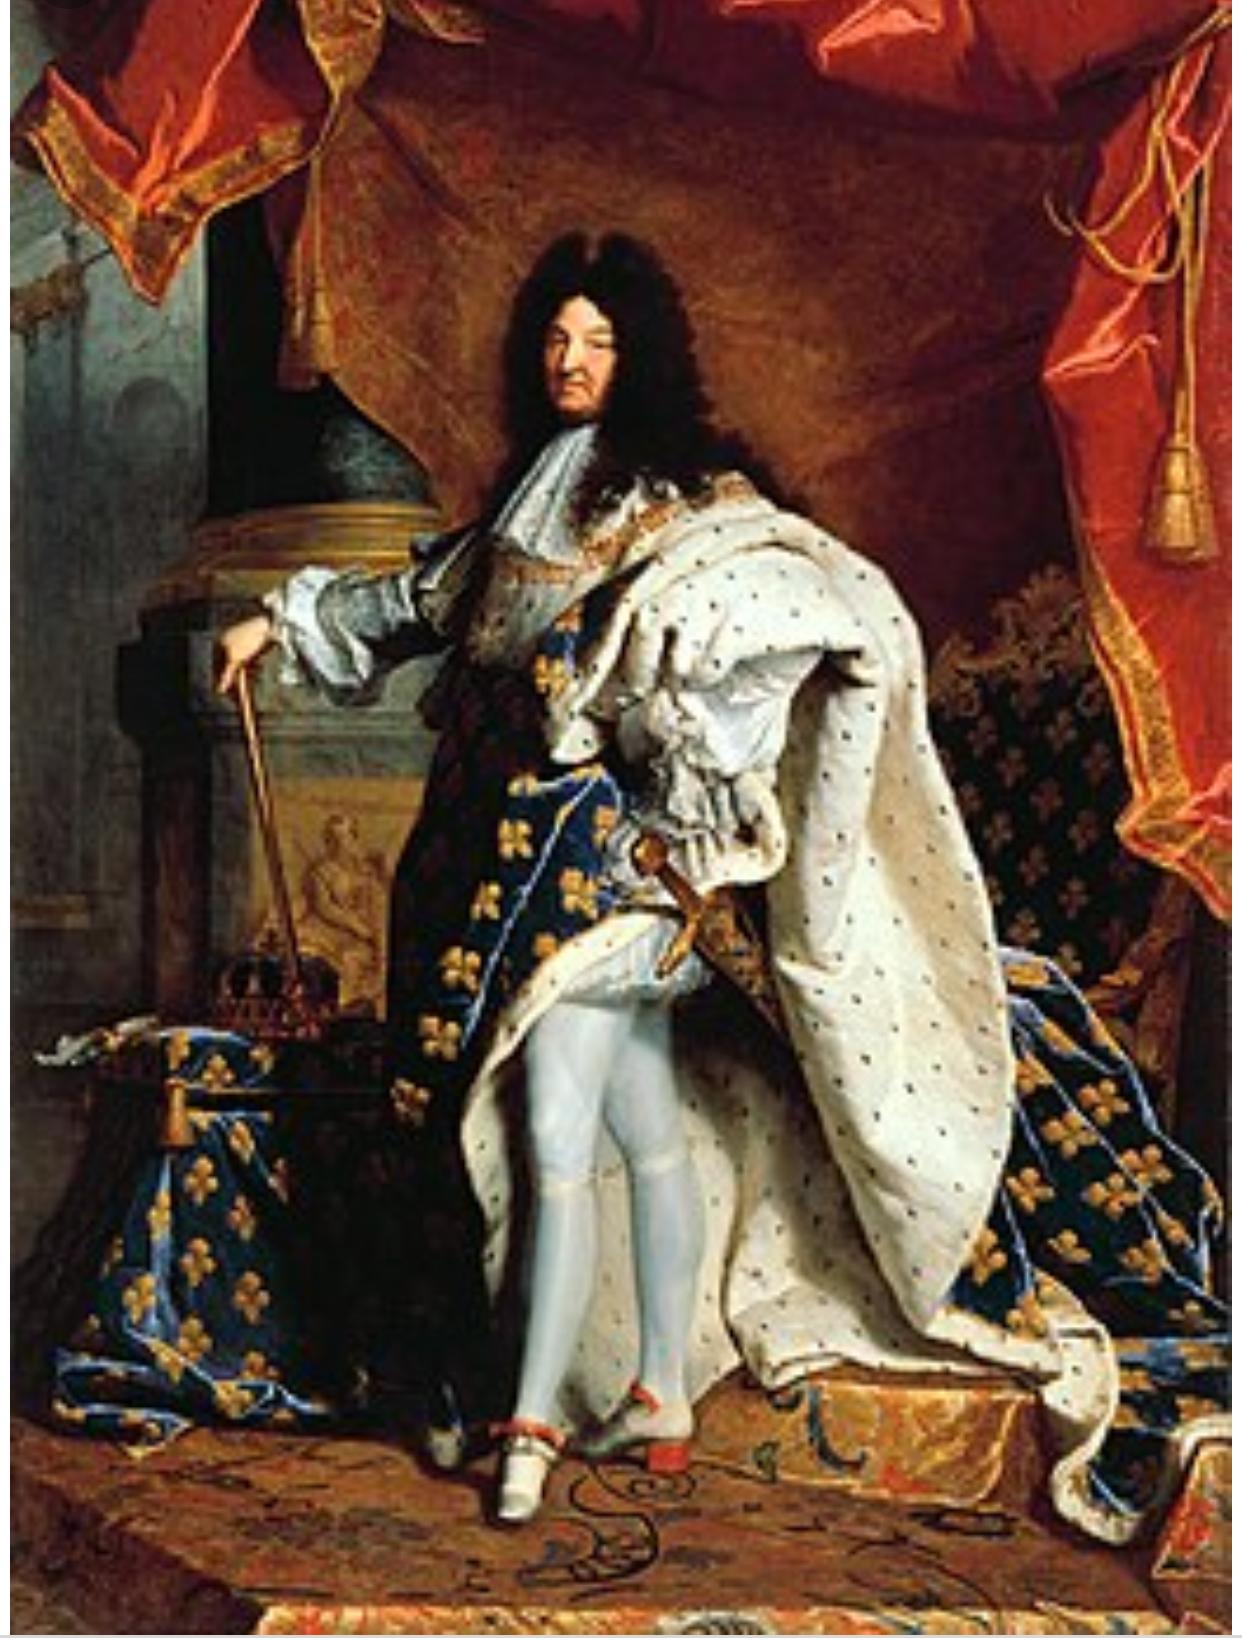 Welchen Stoff trug König Ludwig XIV auf diesem Bild ...